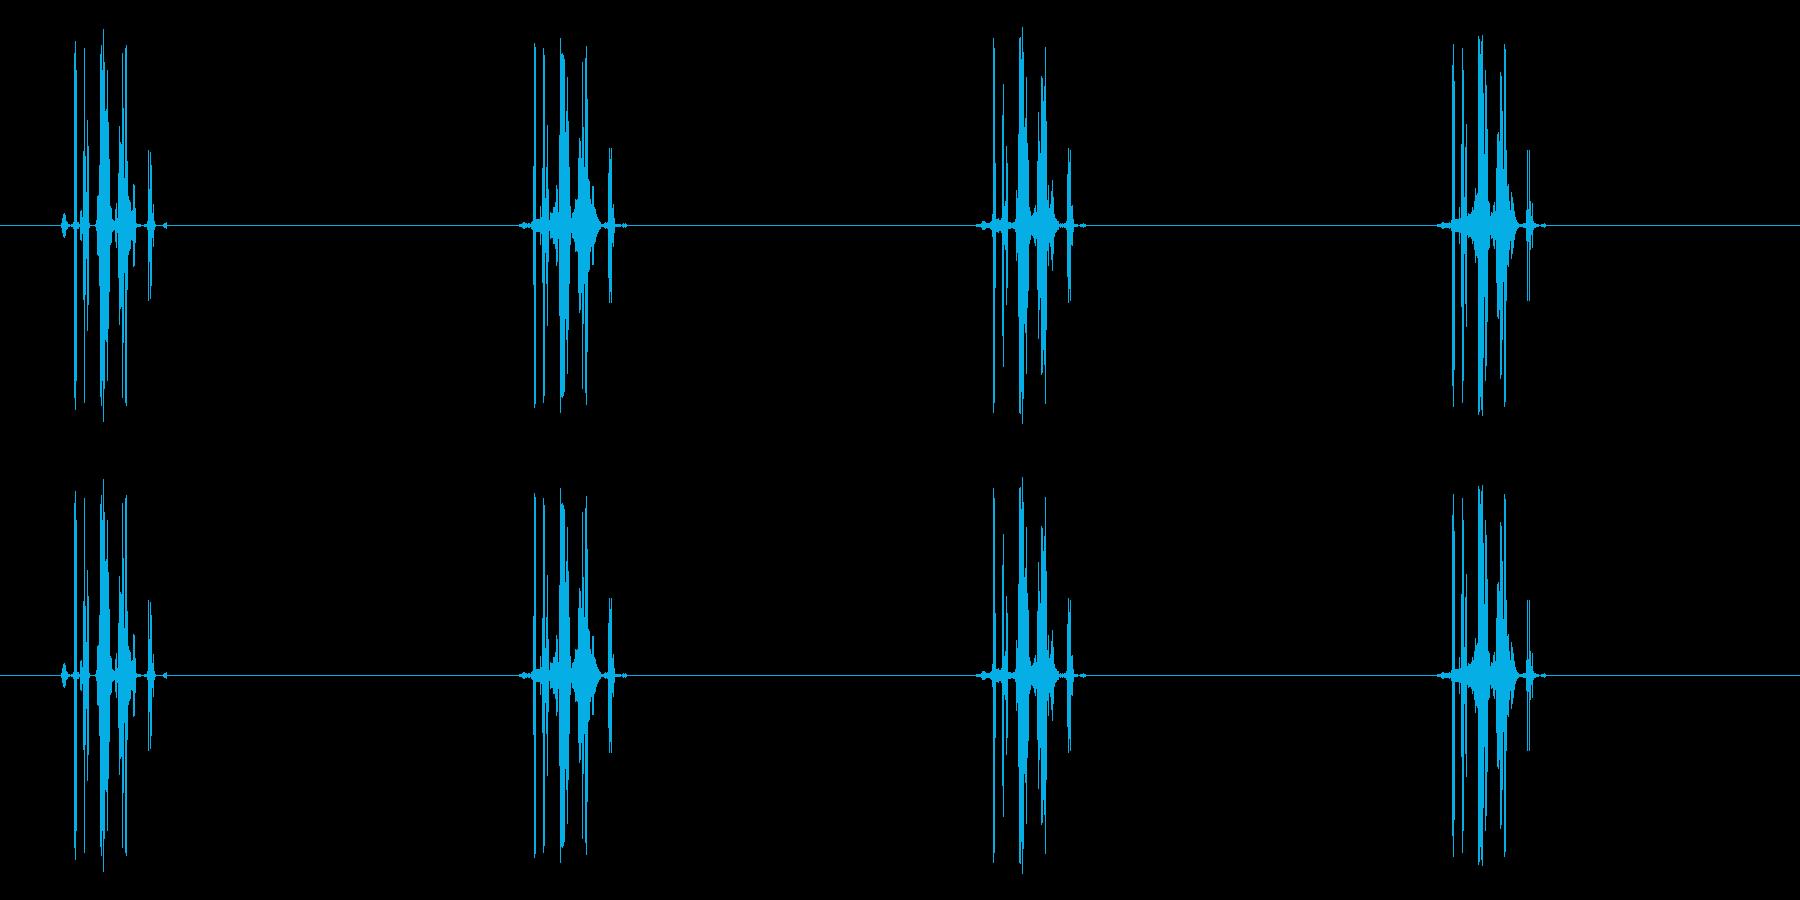 吸う/ジュッ/ゴクッ/吸血_ループ可の再生済みの波形